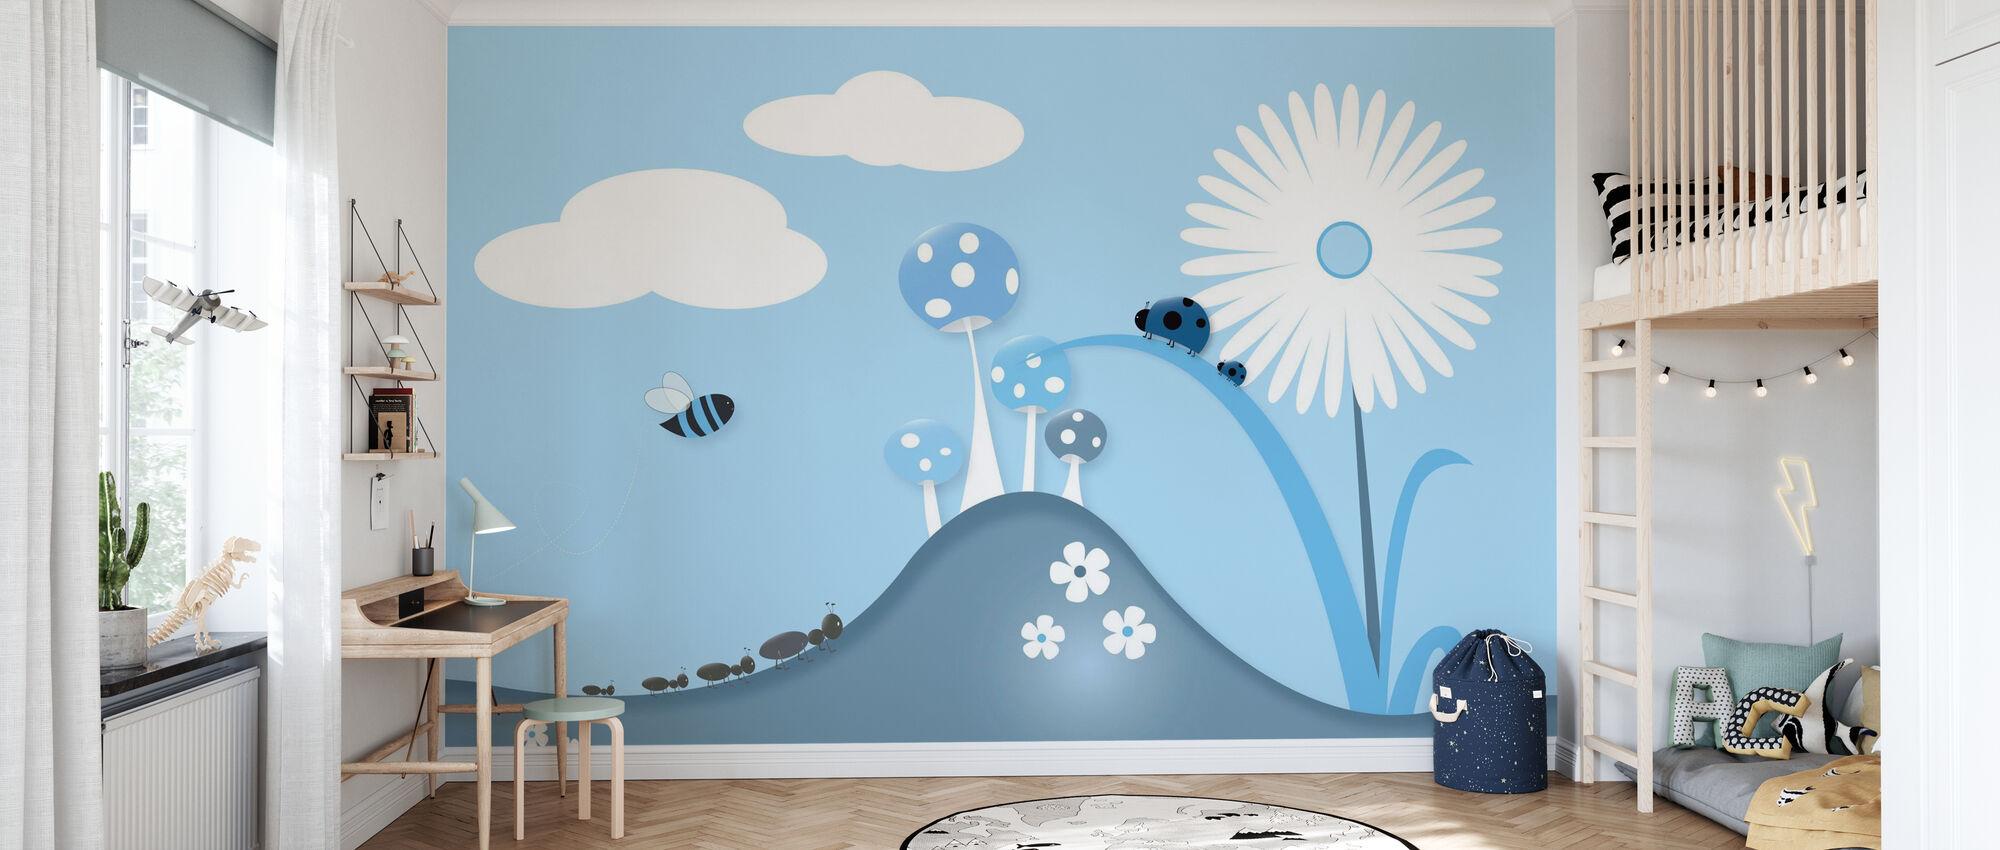 A Bugs World - Blue - Wallpaper - Kids Room